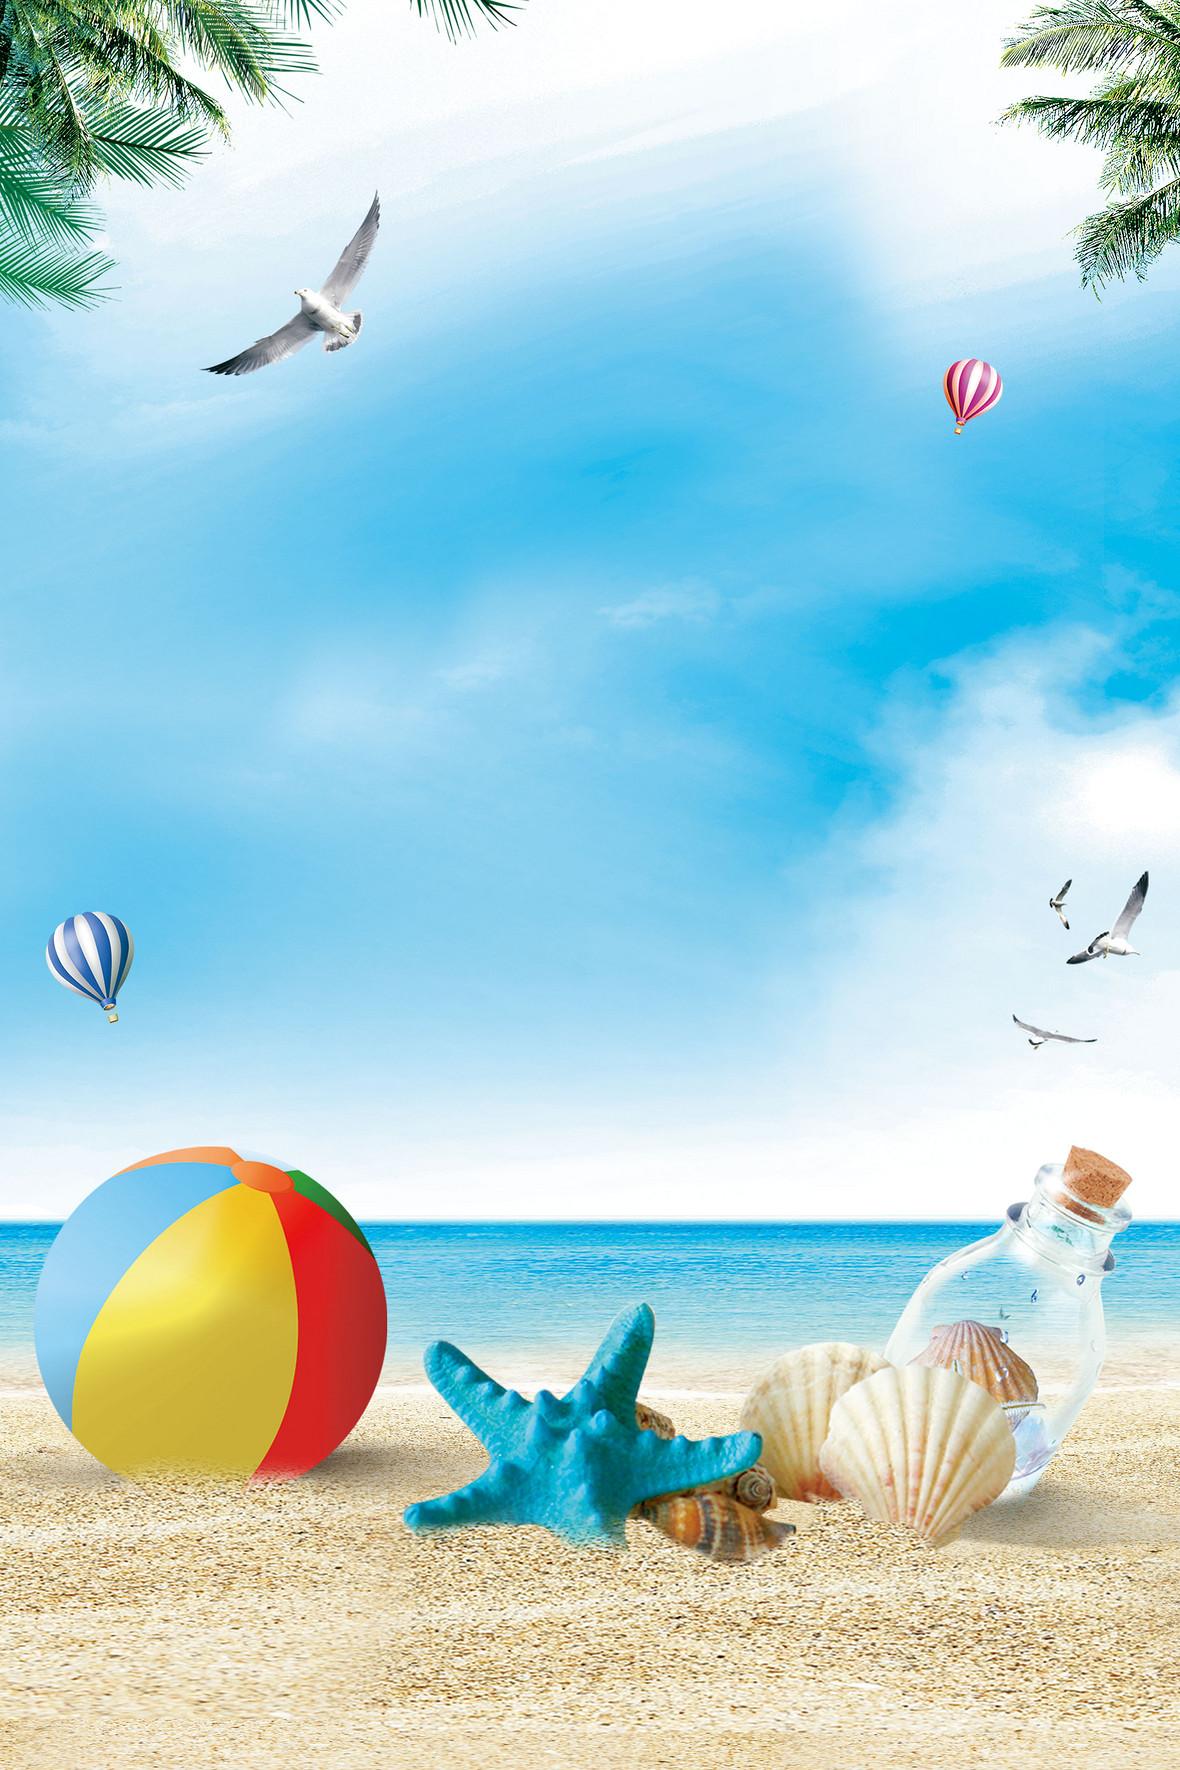 夏季新品上市海报背景素材